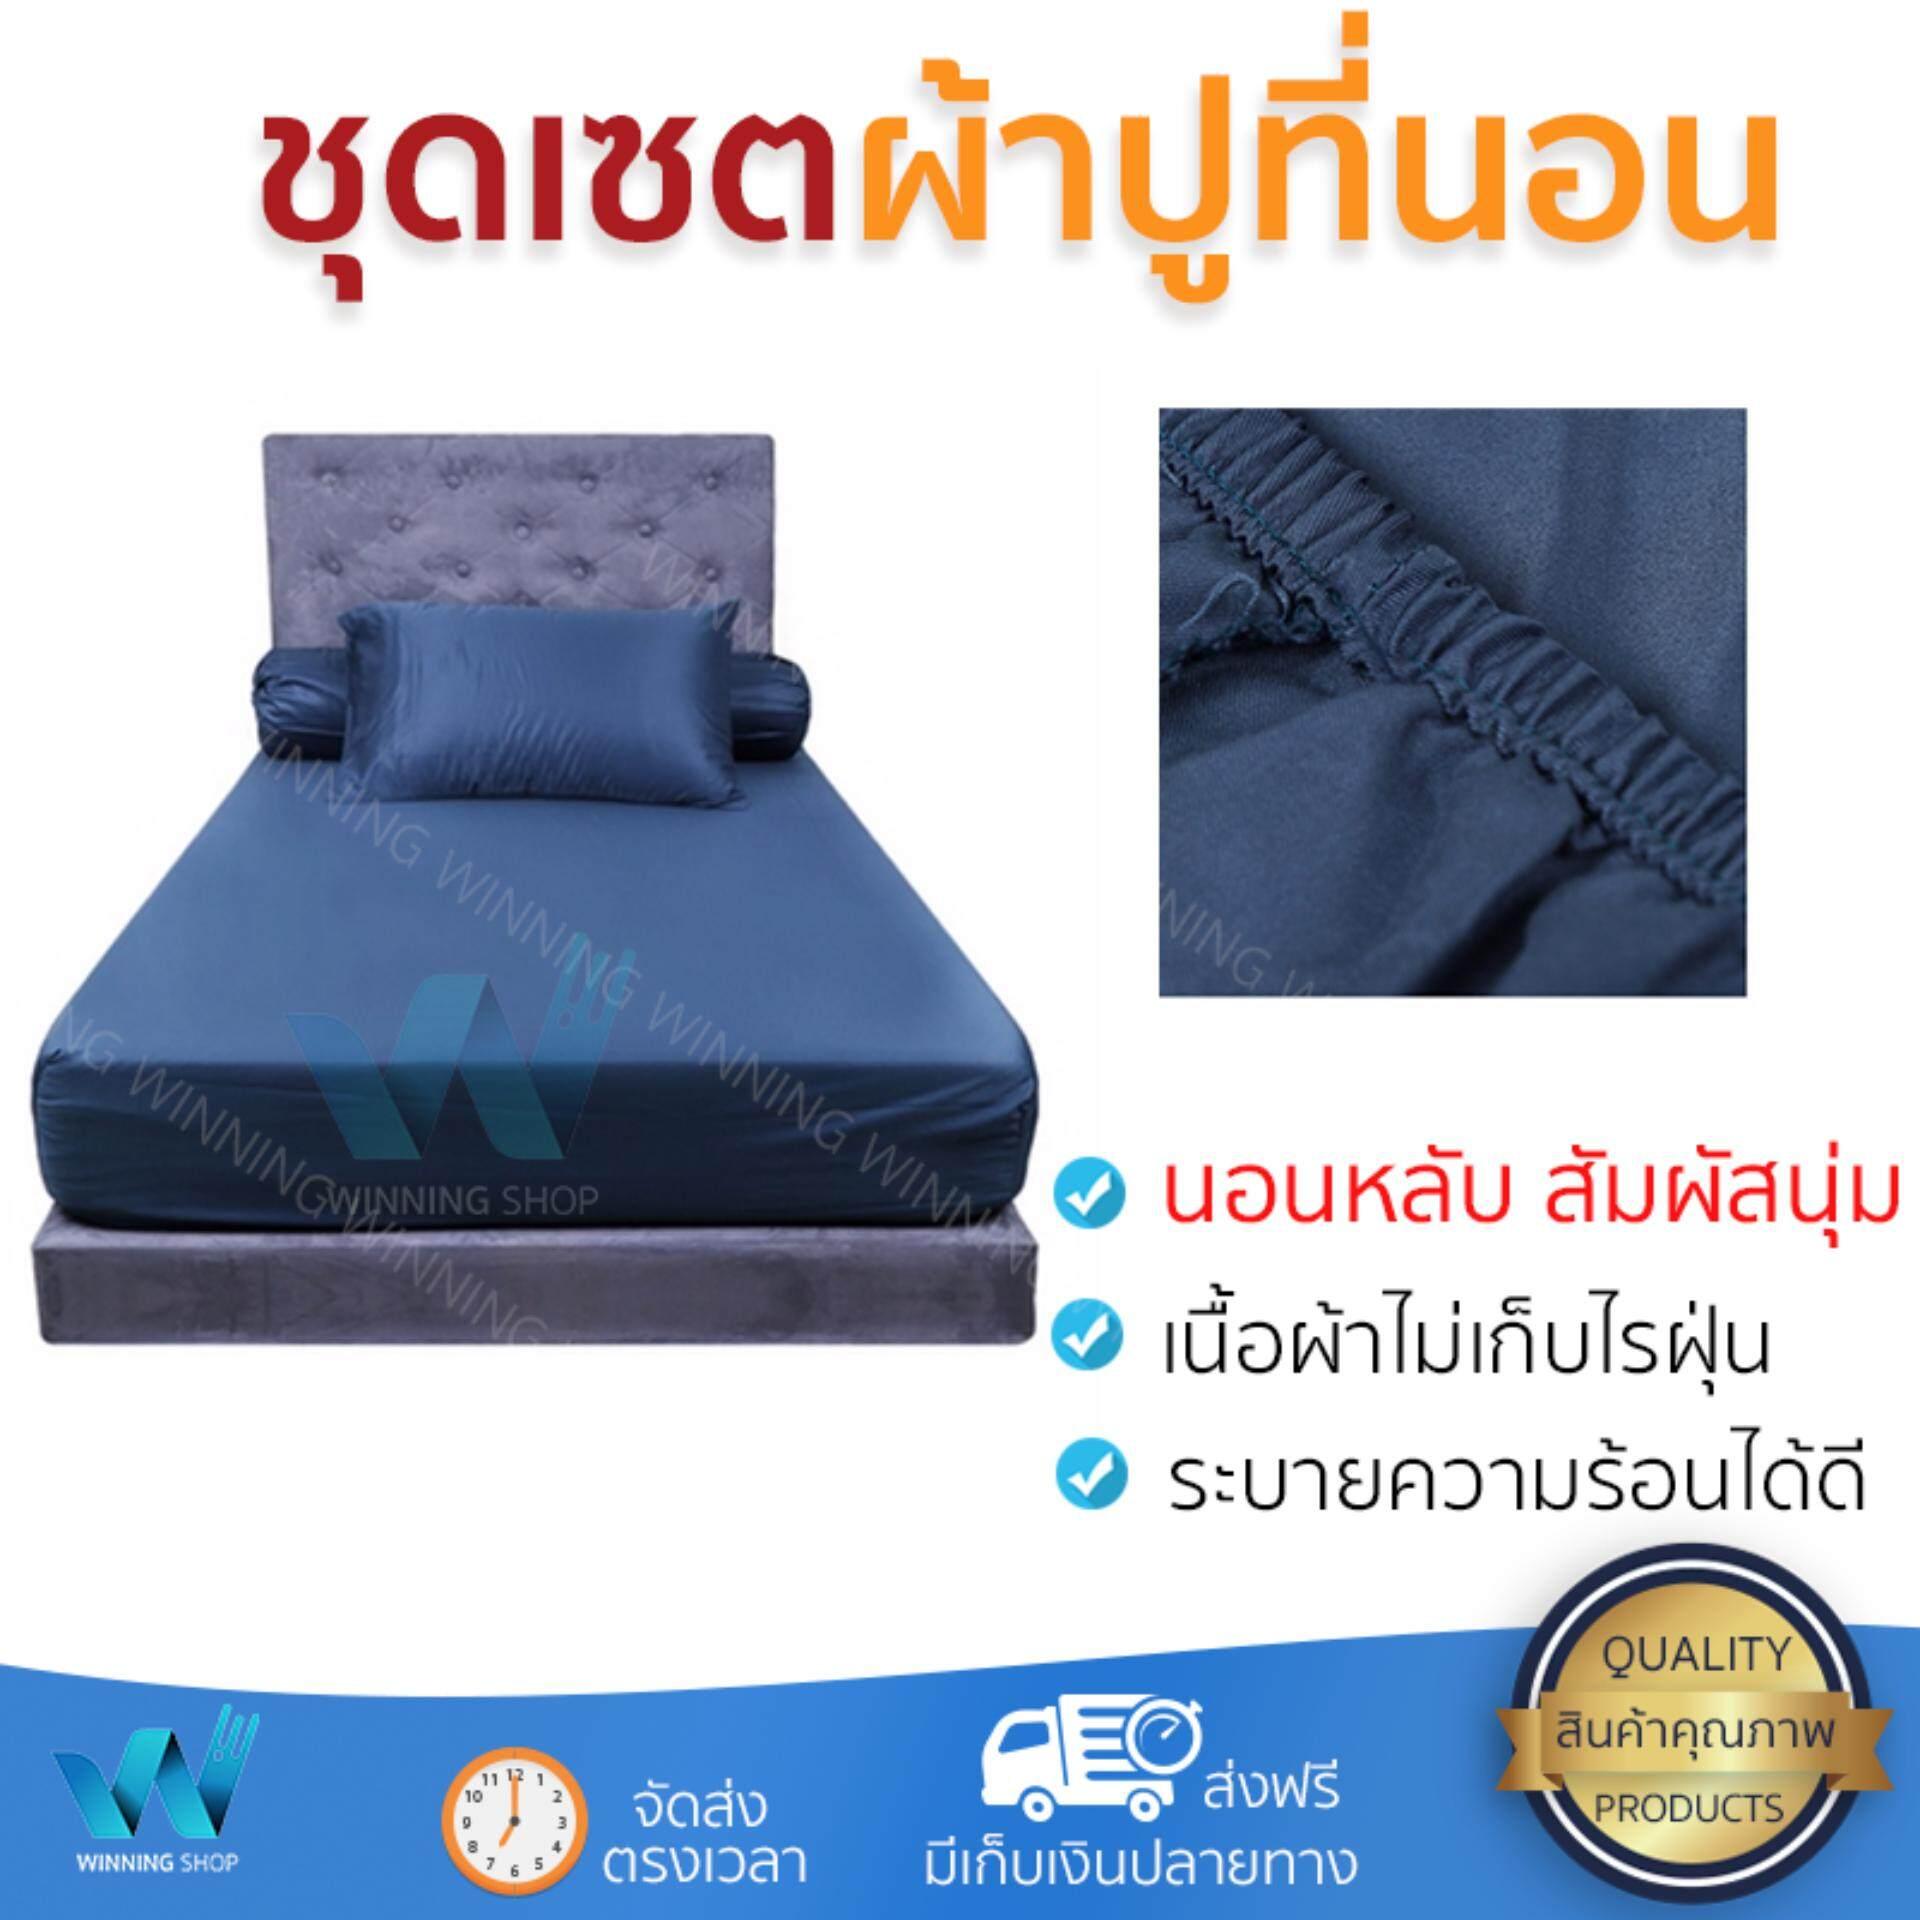 ผ้าปูที่นอน ผ้าปูที่นอนกันไรฝุ่น ผ้าปู T3 HOME LIVING STYLE 375TC SHIN NAVY | HOME LIVING STYLE | ผ้าปูT3HLS375TC SHIN N สัมผัสนุ่ม นอนหลับสบาย เส้นใยทอพิเศษ ระบายความร้อนได้ดี กันเชื้อราและแบคทีเรีย